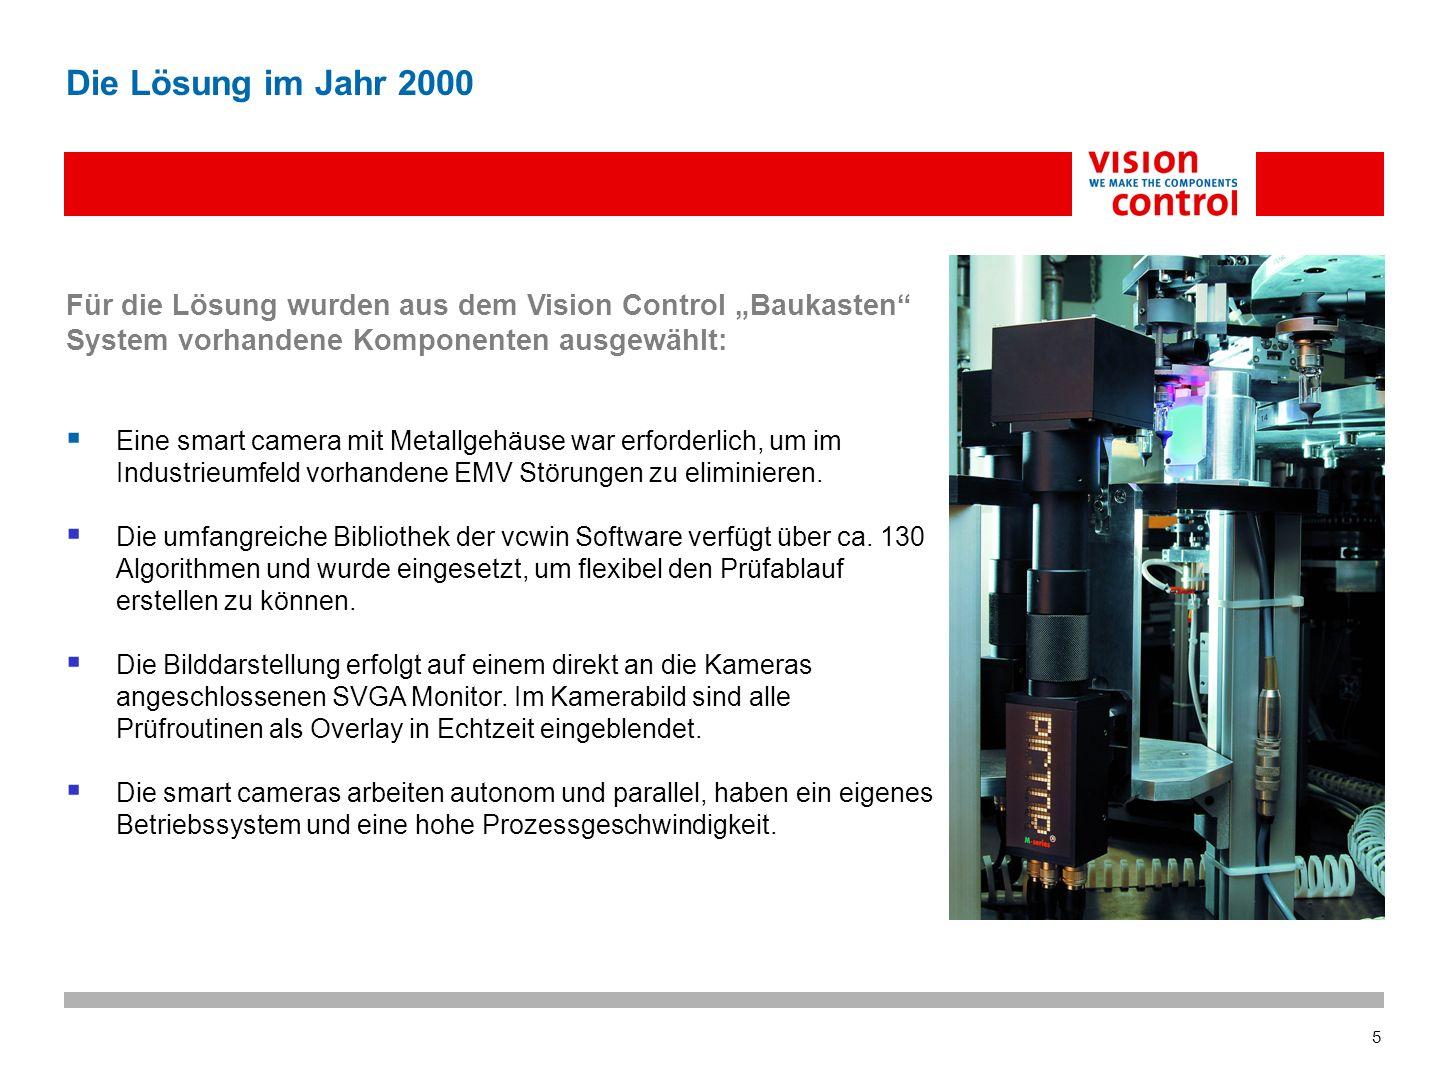 6 Die Lösung An weiteren Komponenten wurden aus dem Vision Control Baukasten System ausgewählt: Als Beleuchtung wurden diffuse Flachlichter aus dem umfangreichen Sortiment von Vision Control montiert.